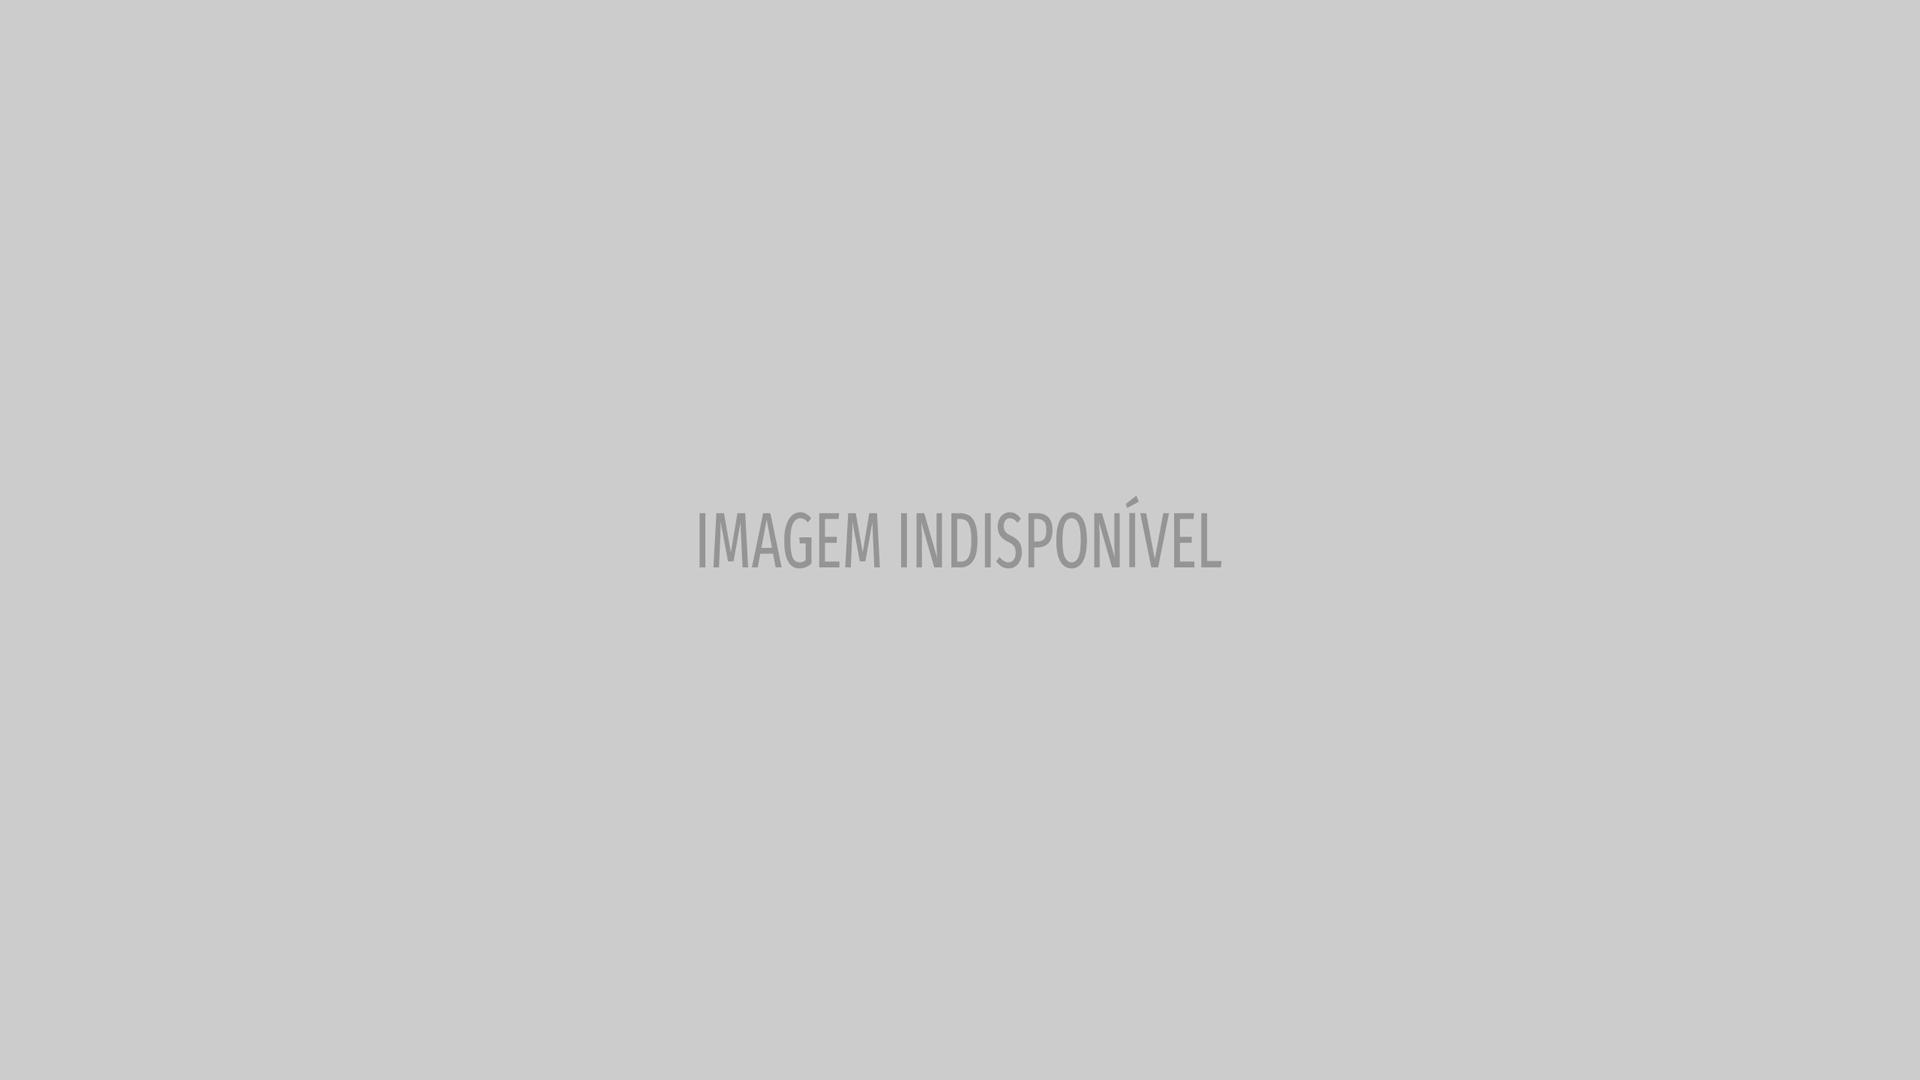 Wonder Woman está na moda? Veja as famosas que já se vestiram a rigor